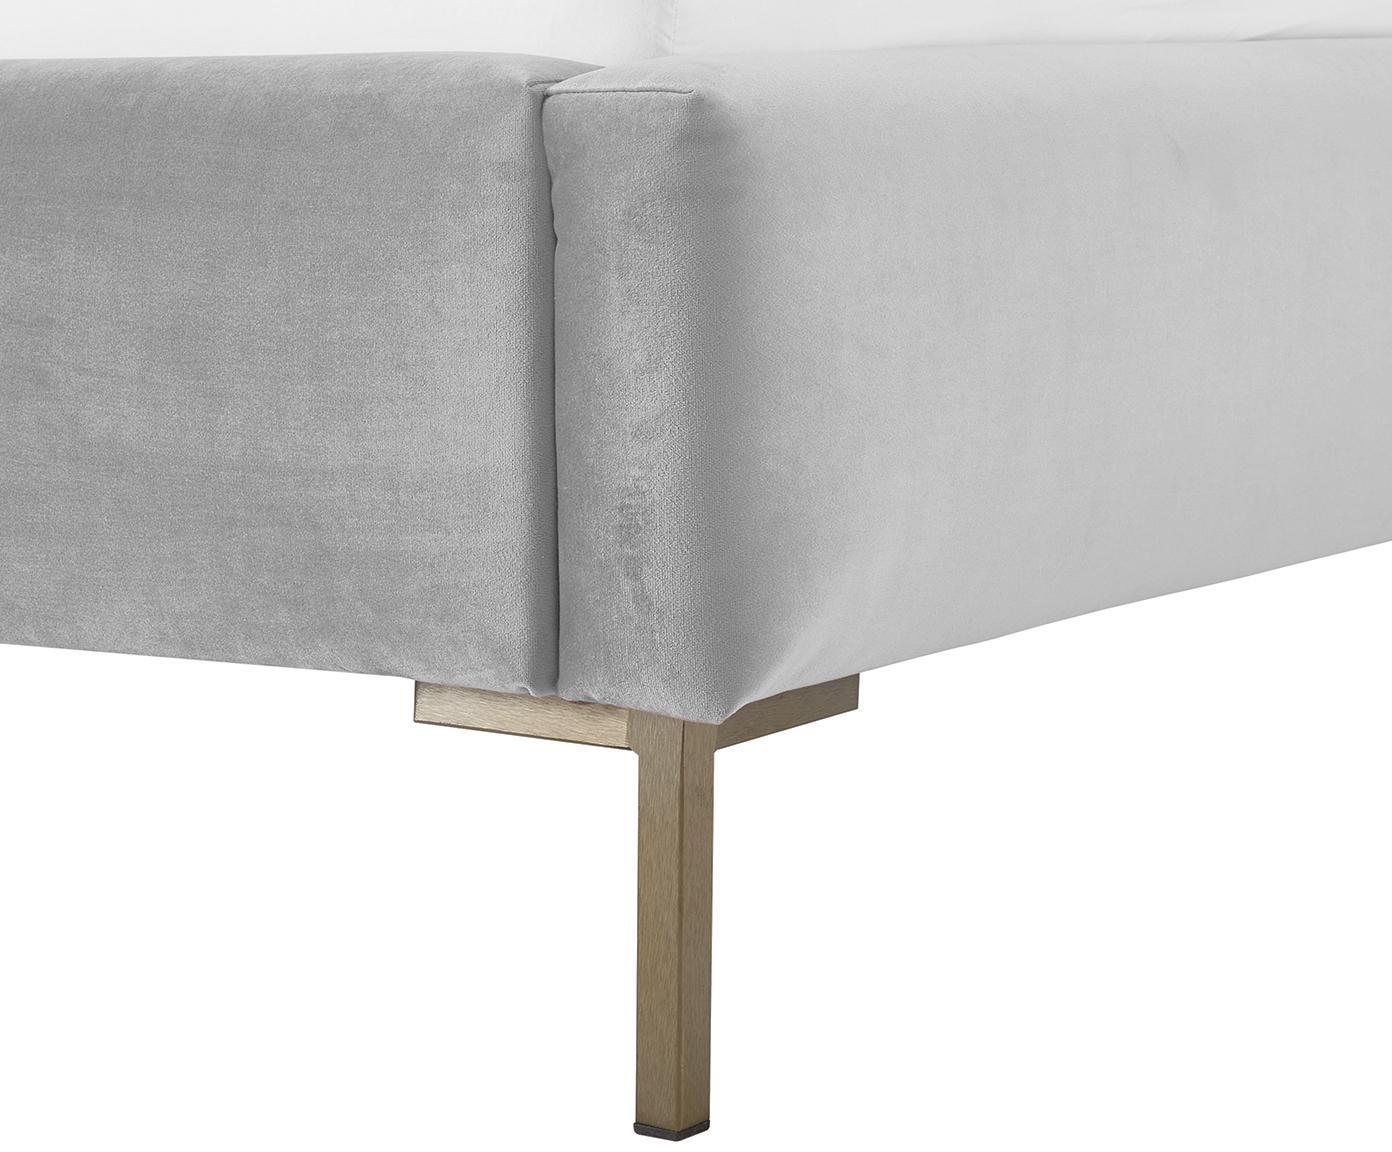 Łóżko tapicerowane z aksamitu Dusk, Korpus: lite drewno sosnowe, Nogi: metal malowany proszkowo, Tapicerka: aksamit poliestrowy 3500, Jasny szary, 160 x 200 cm